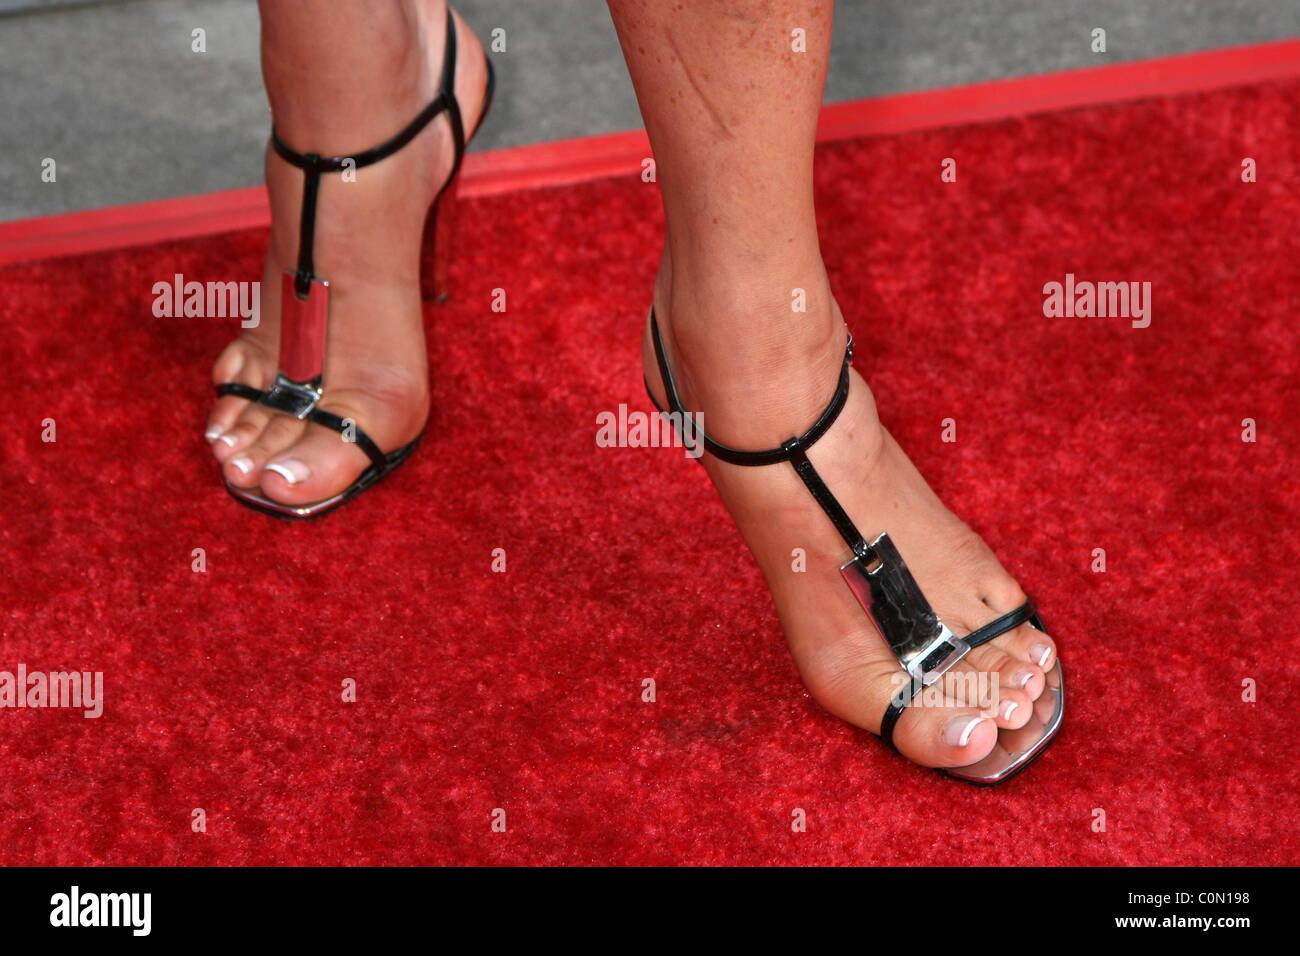 Really. Nancy o dell feet sorry, not